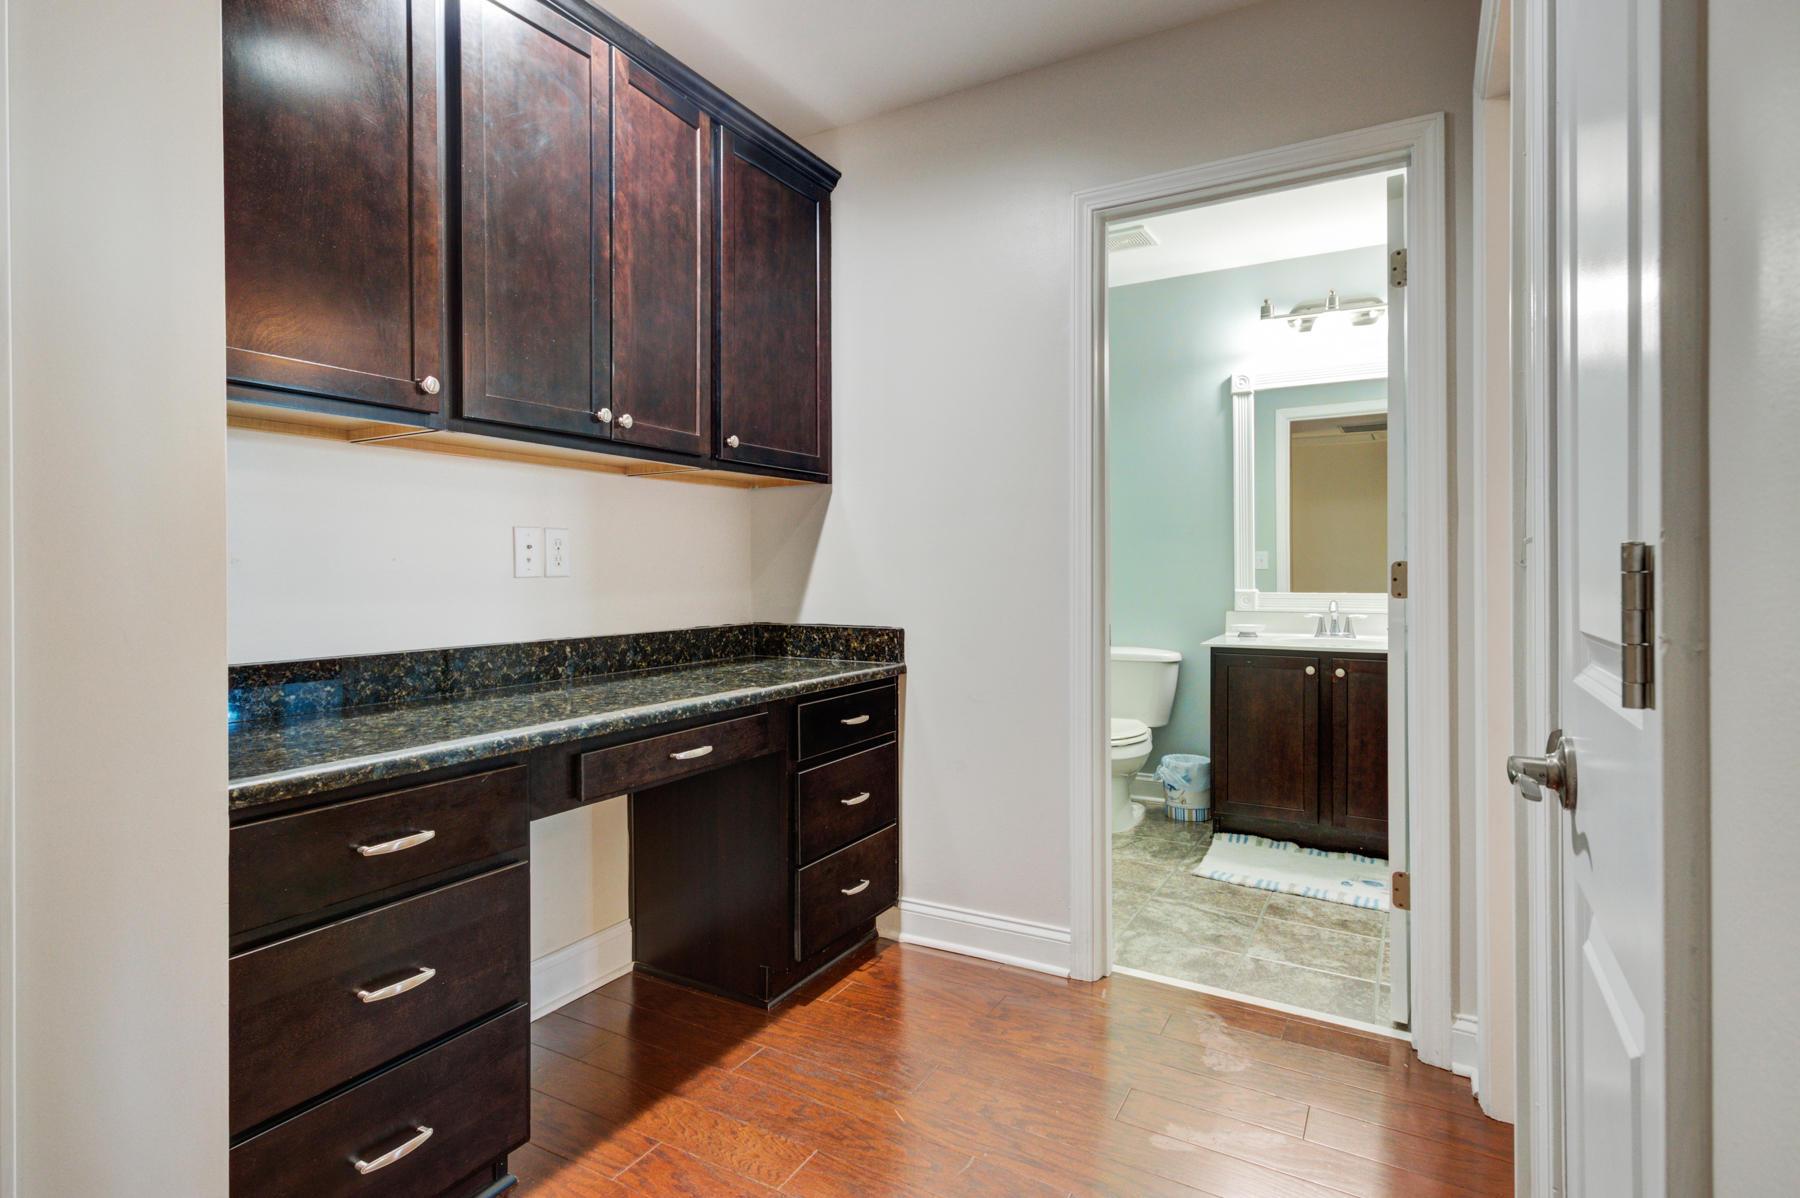 Park West Homes For Sale - 2096 Promenade, Mount Pleasant, SC - 2